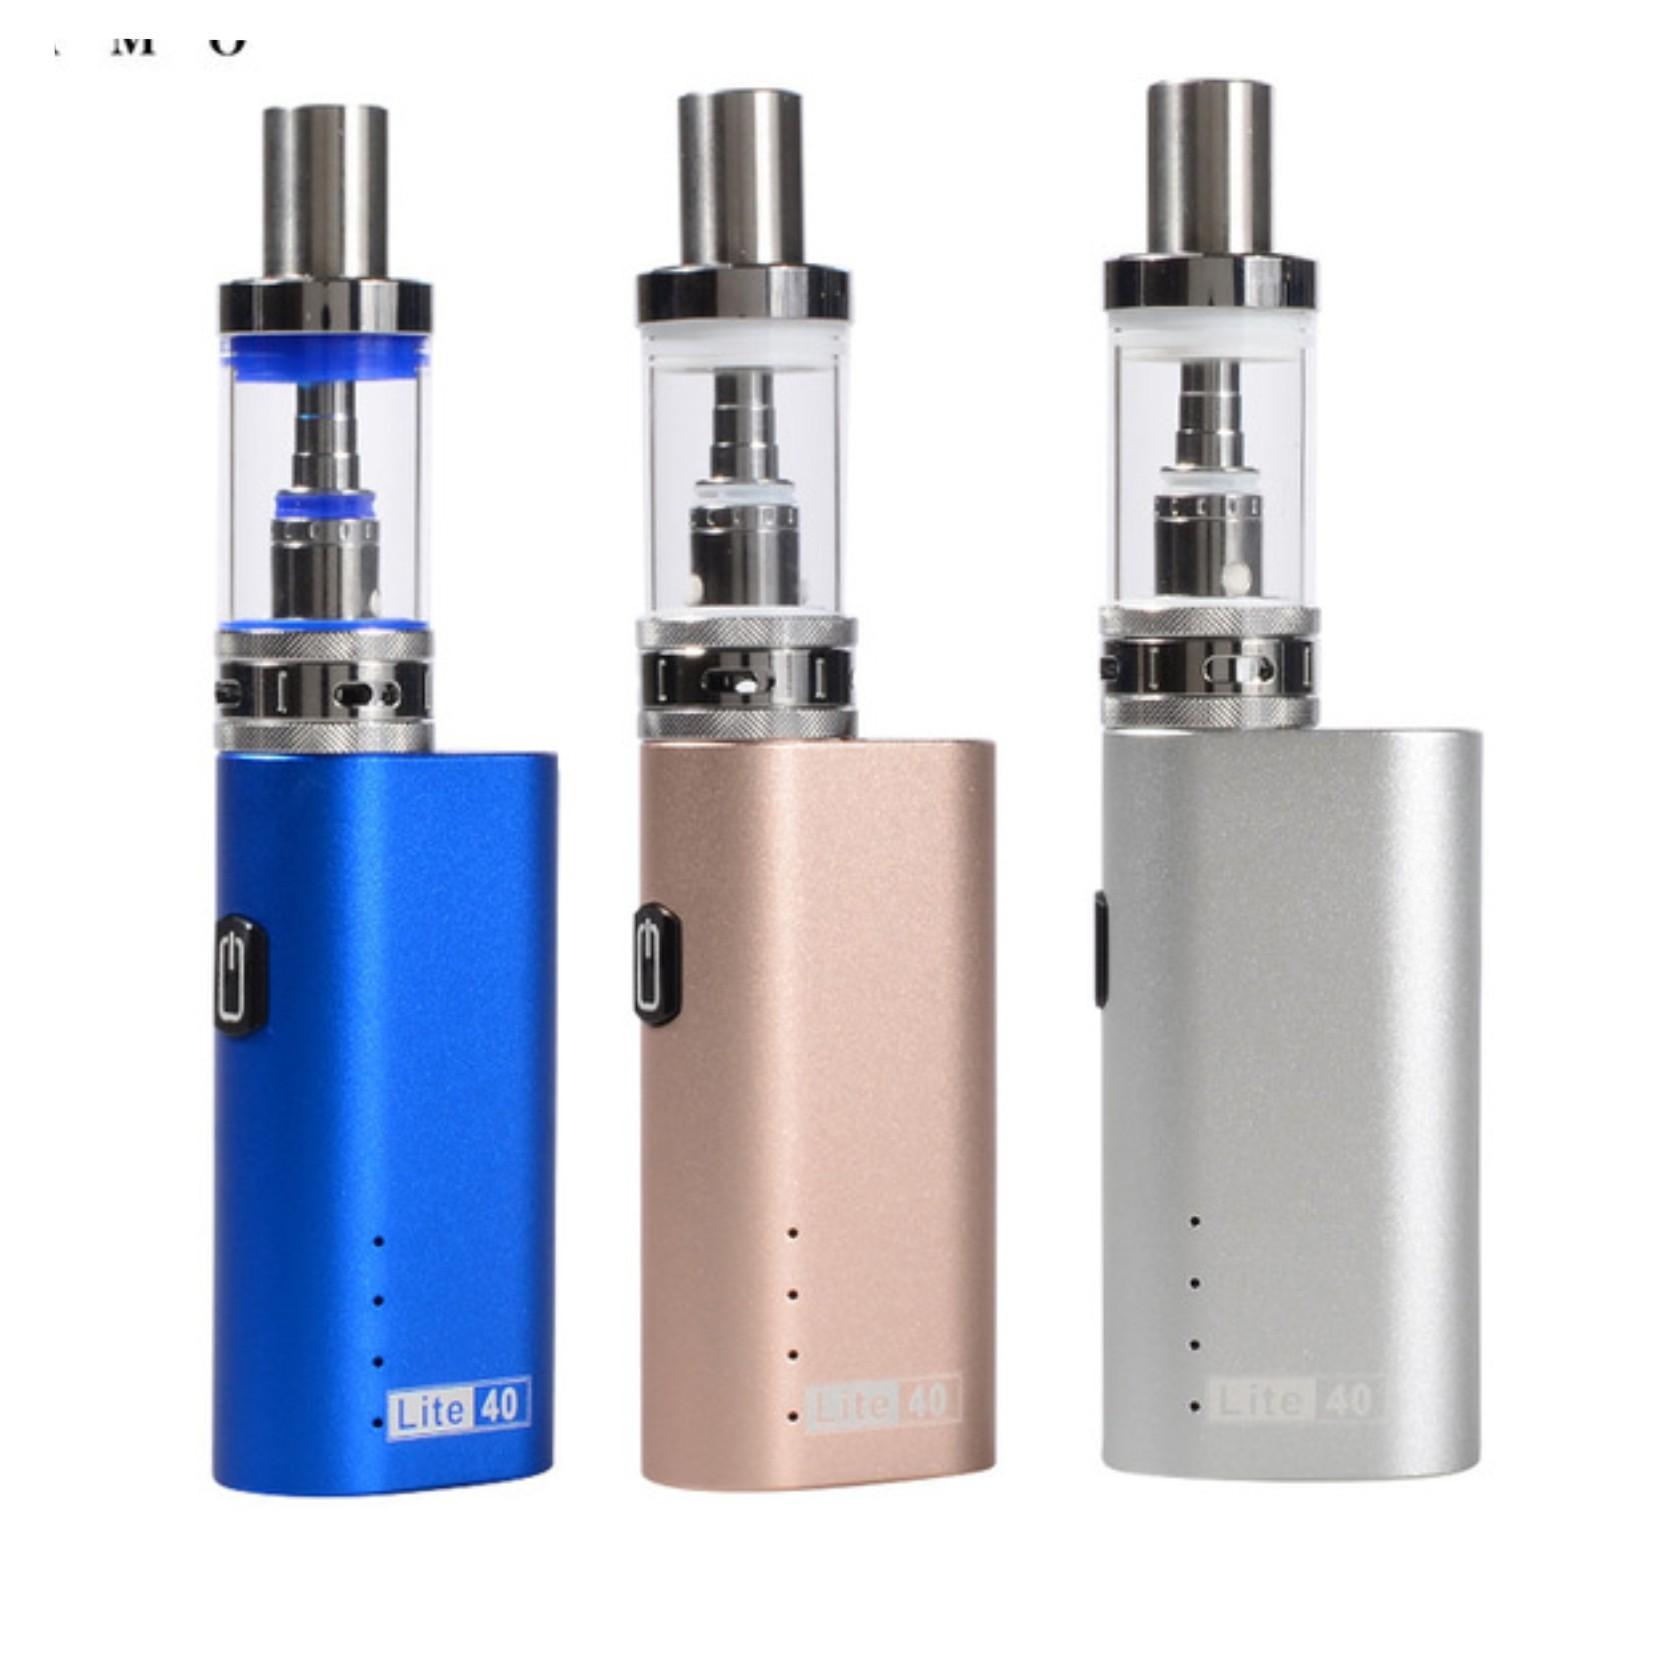 Hình ảnh Bộ thuốc lá điện tử Vape – Shisha 2200mAh JOMO Lite 40w Kit (Xanh) + Quà tặng 2 chai tinh dầu_ Hàng nhập khẩu